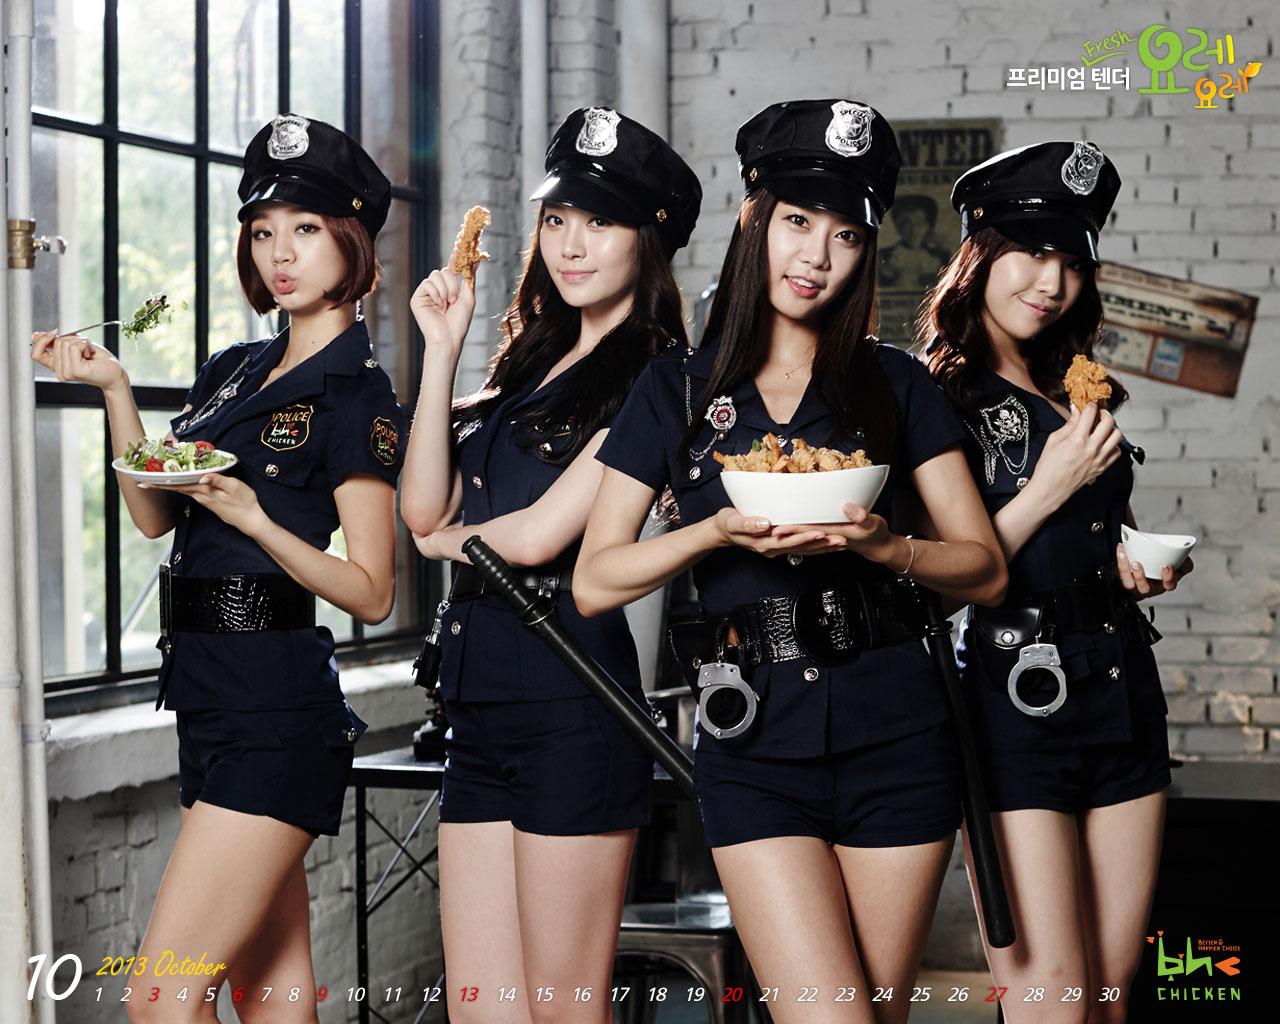 Girls Day BH Chicken Restaurant wallpaper